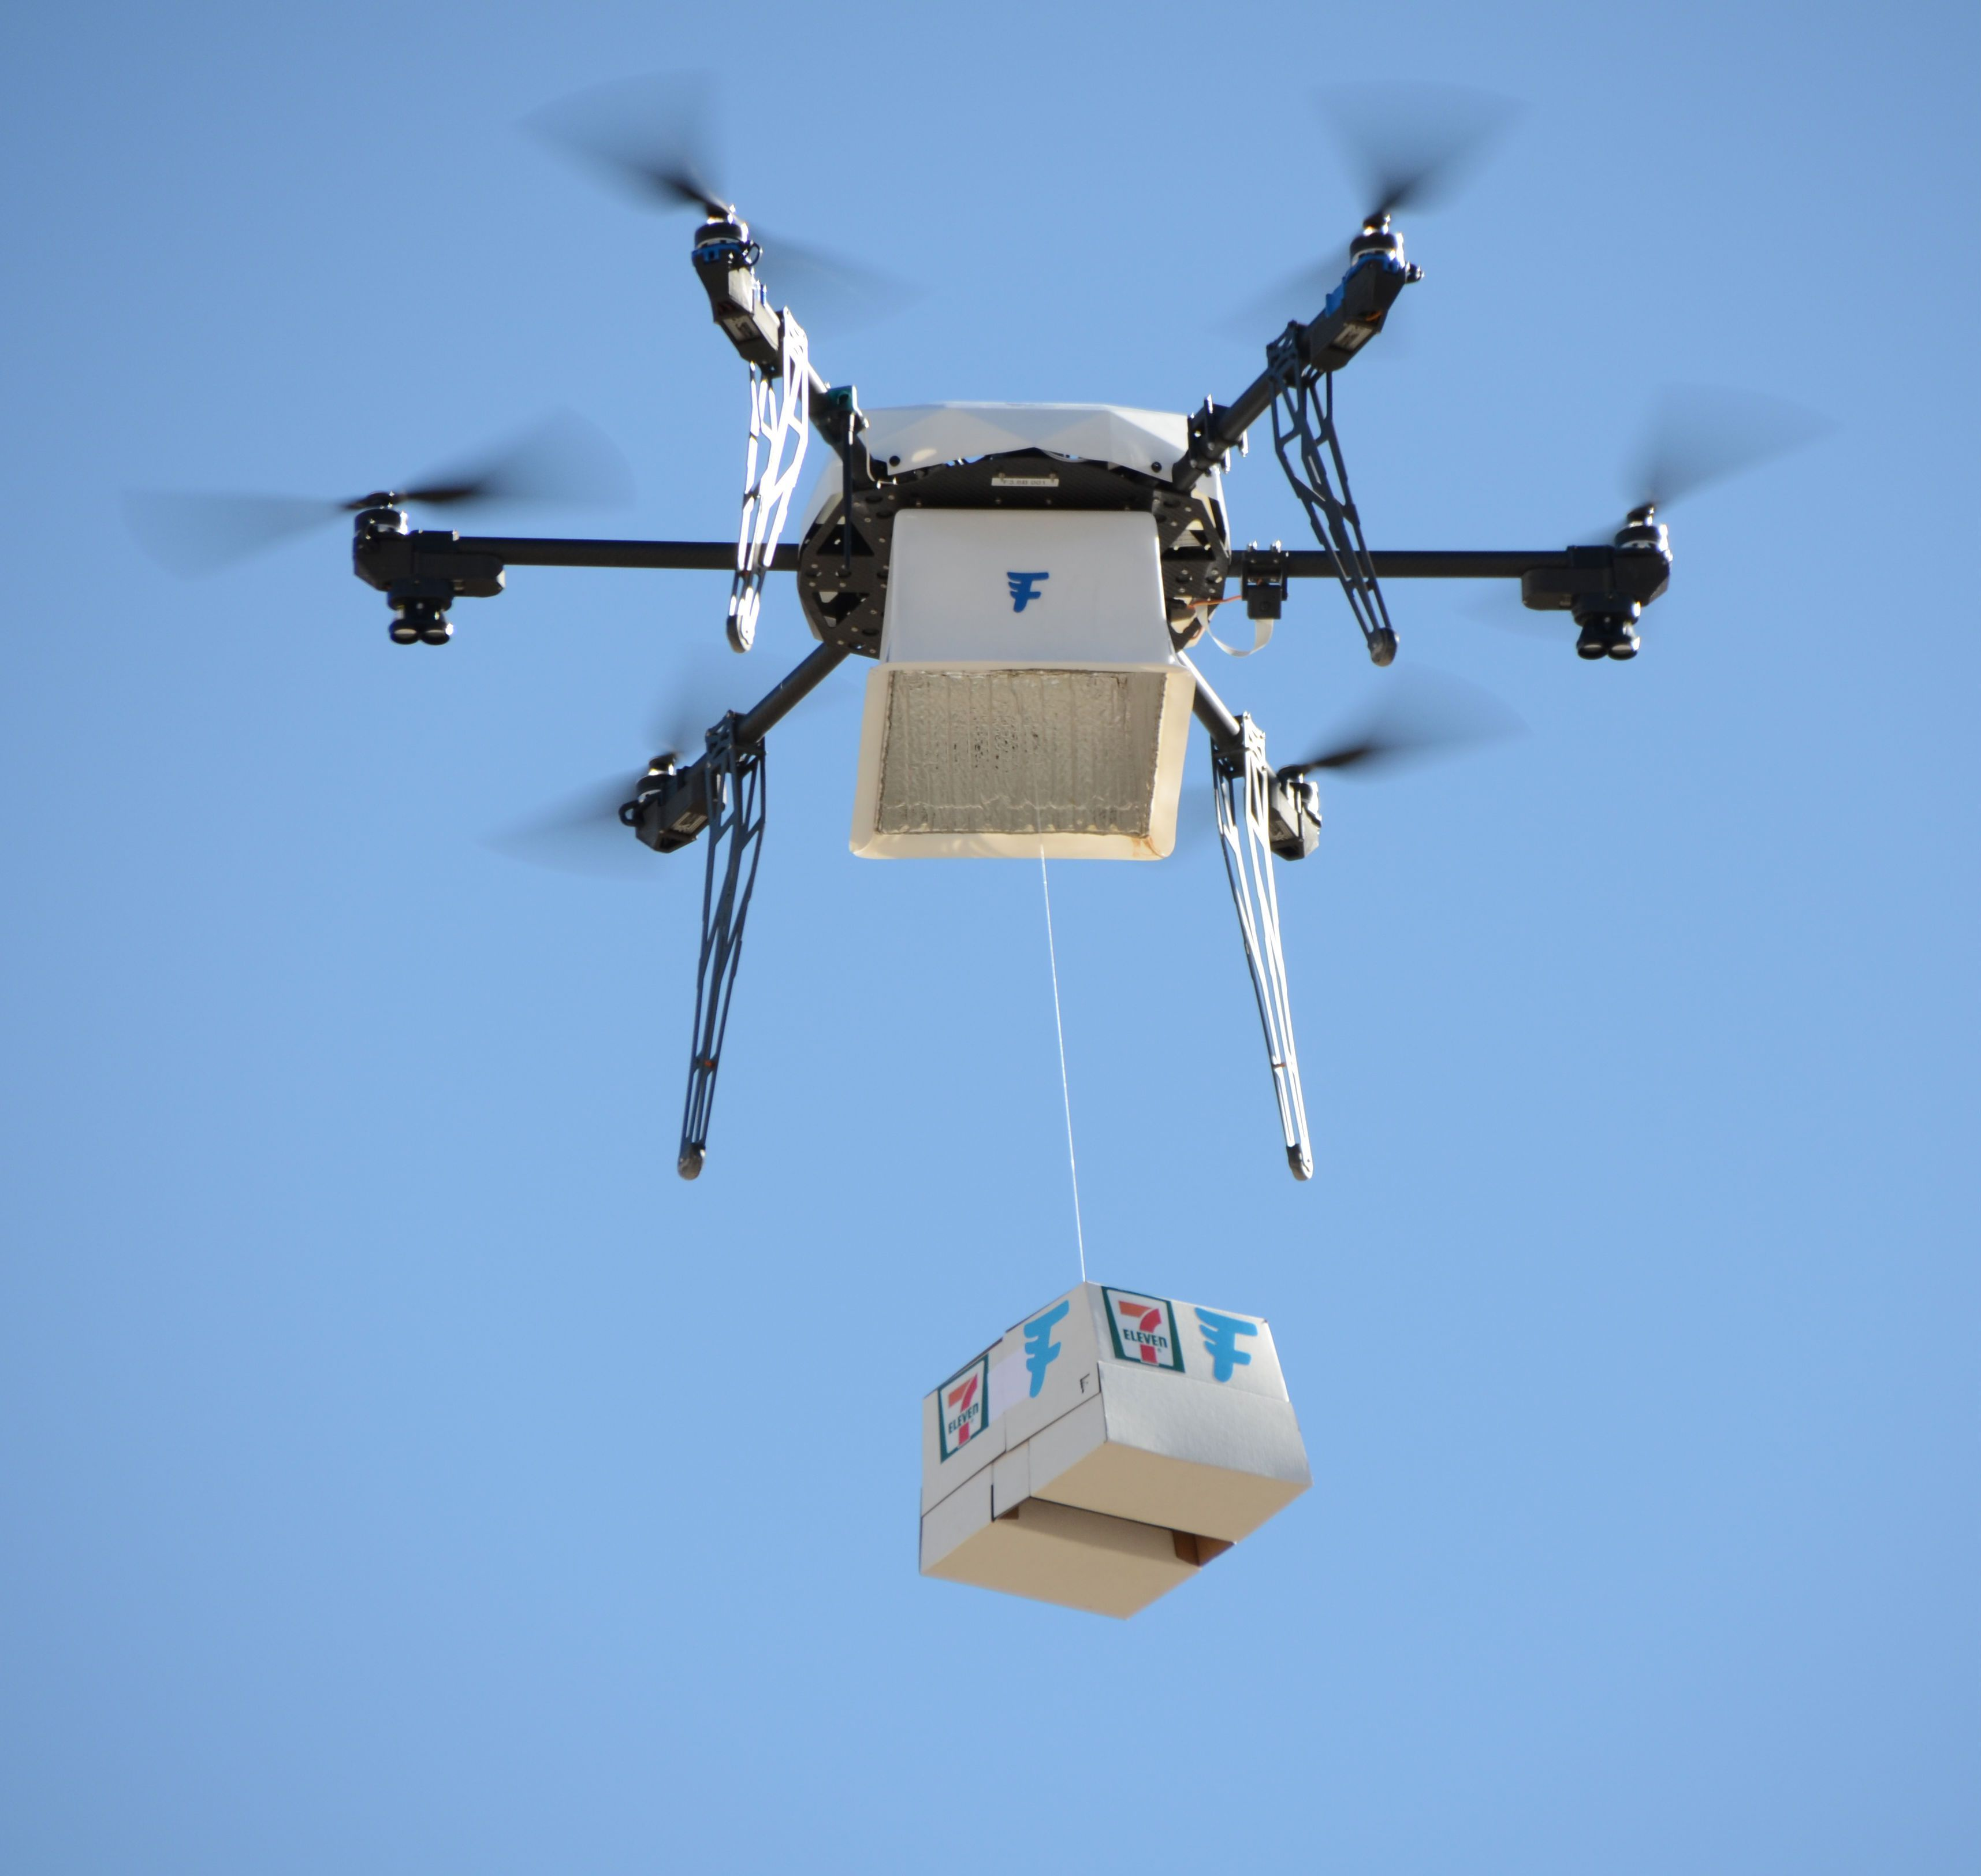 7-Eleven : aux Etats-Unis, l'enseigne a déjà effectué 77 livraisons par drone